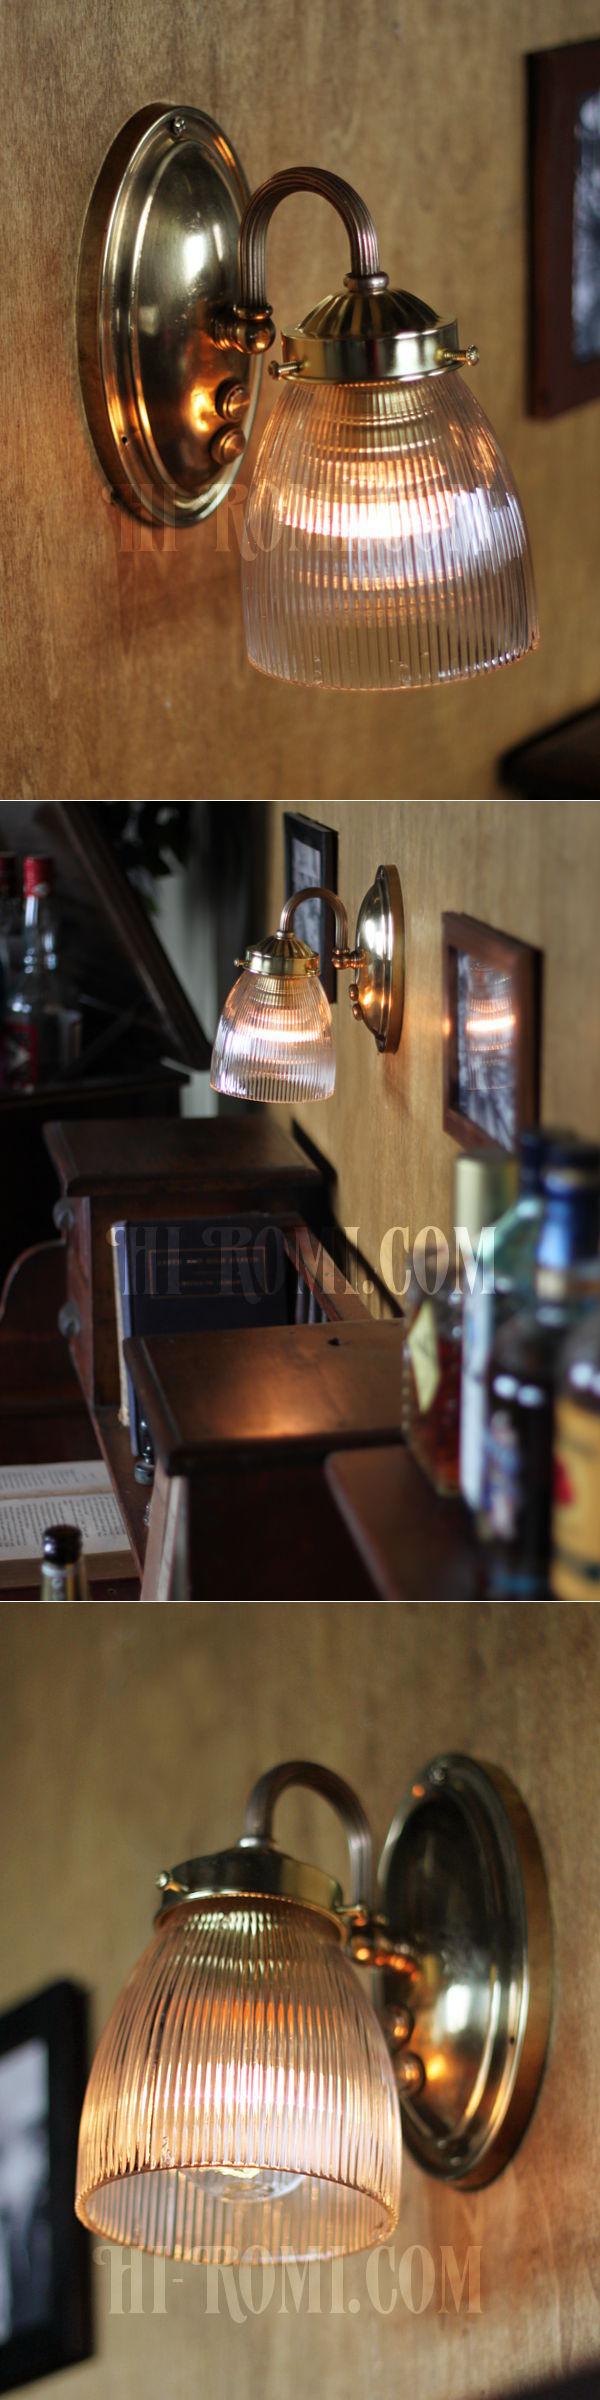 ヴィンテージコロニアルホルフェン調ガラスシェードミニブラケットランプ/ヴィクトリアン工業系壁照明